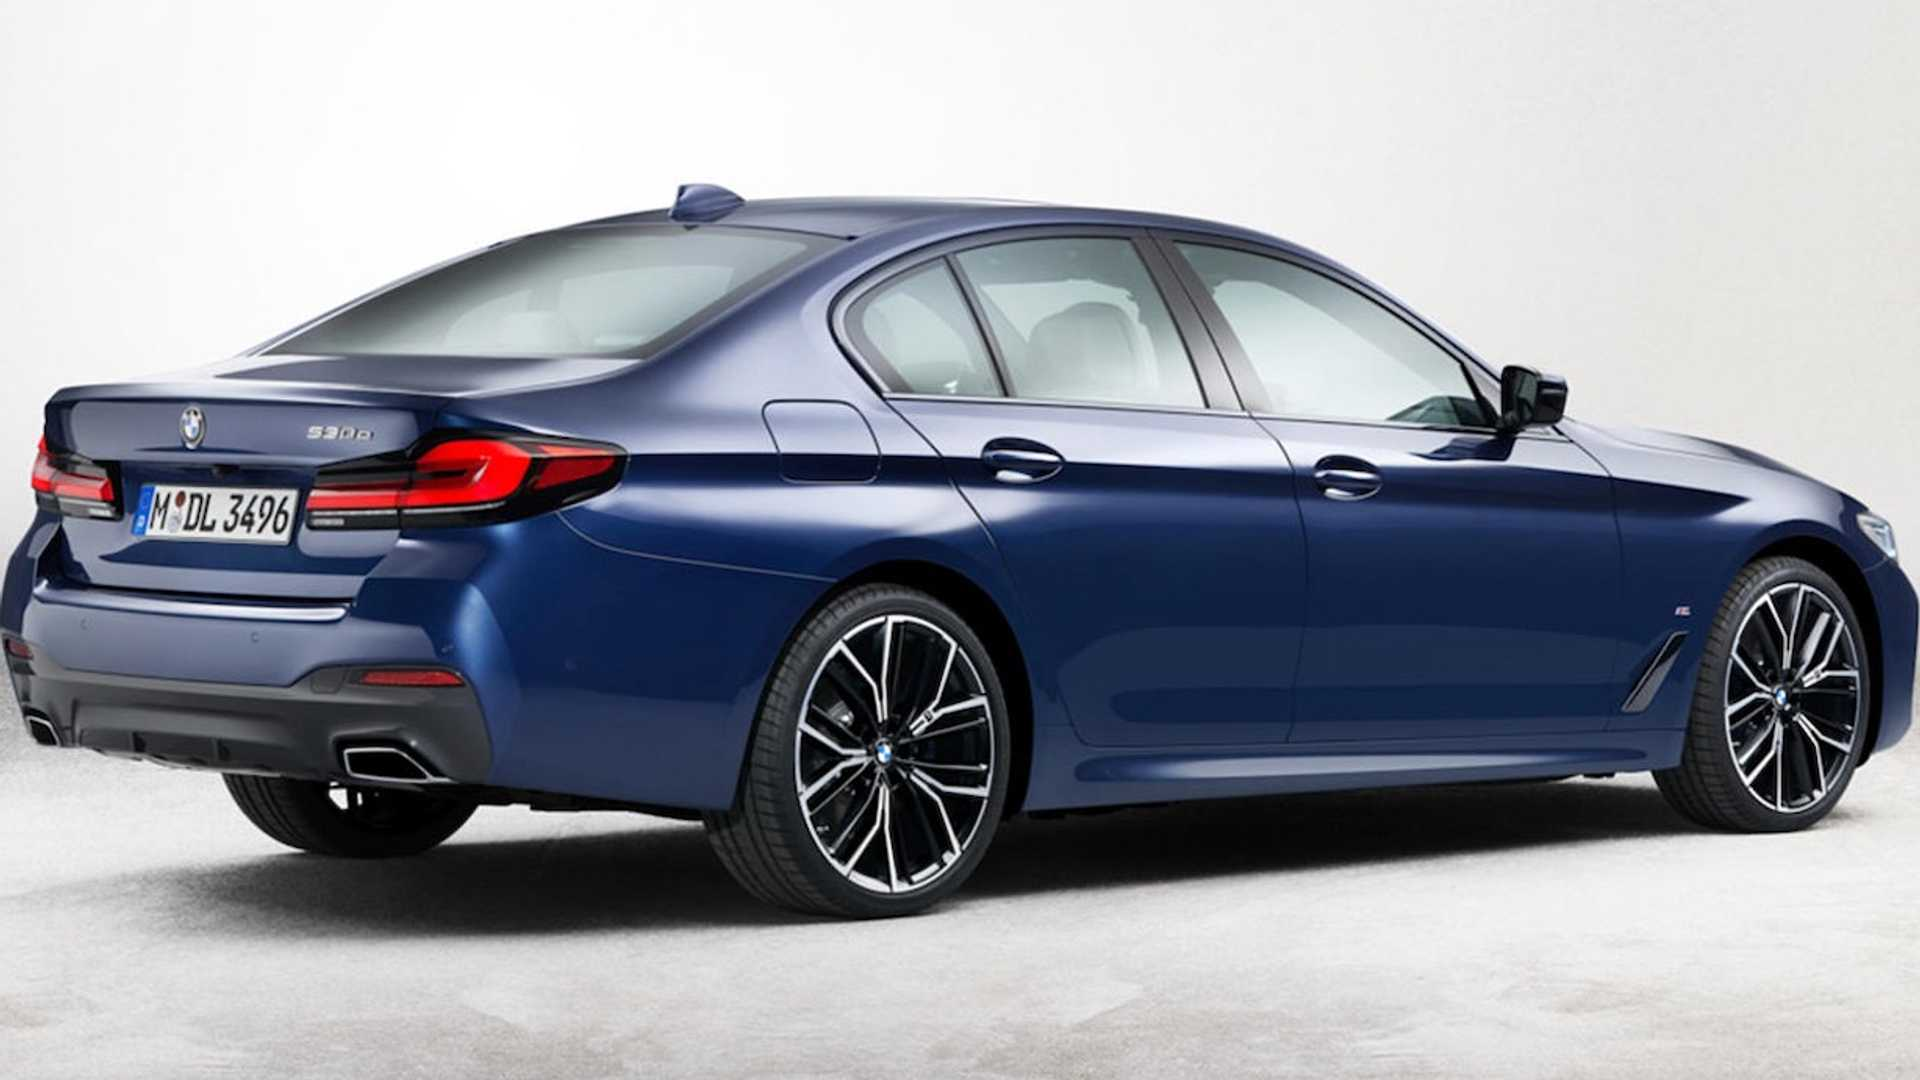 Novo BMW Série 5 híbrido das fotos vazadas tem o pacote esportivo M